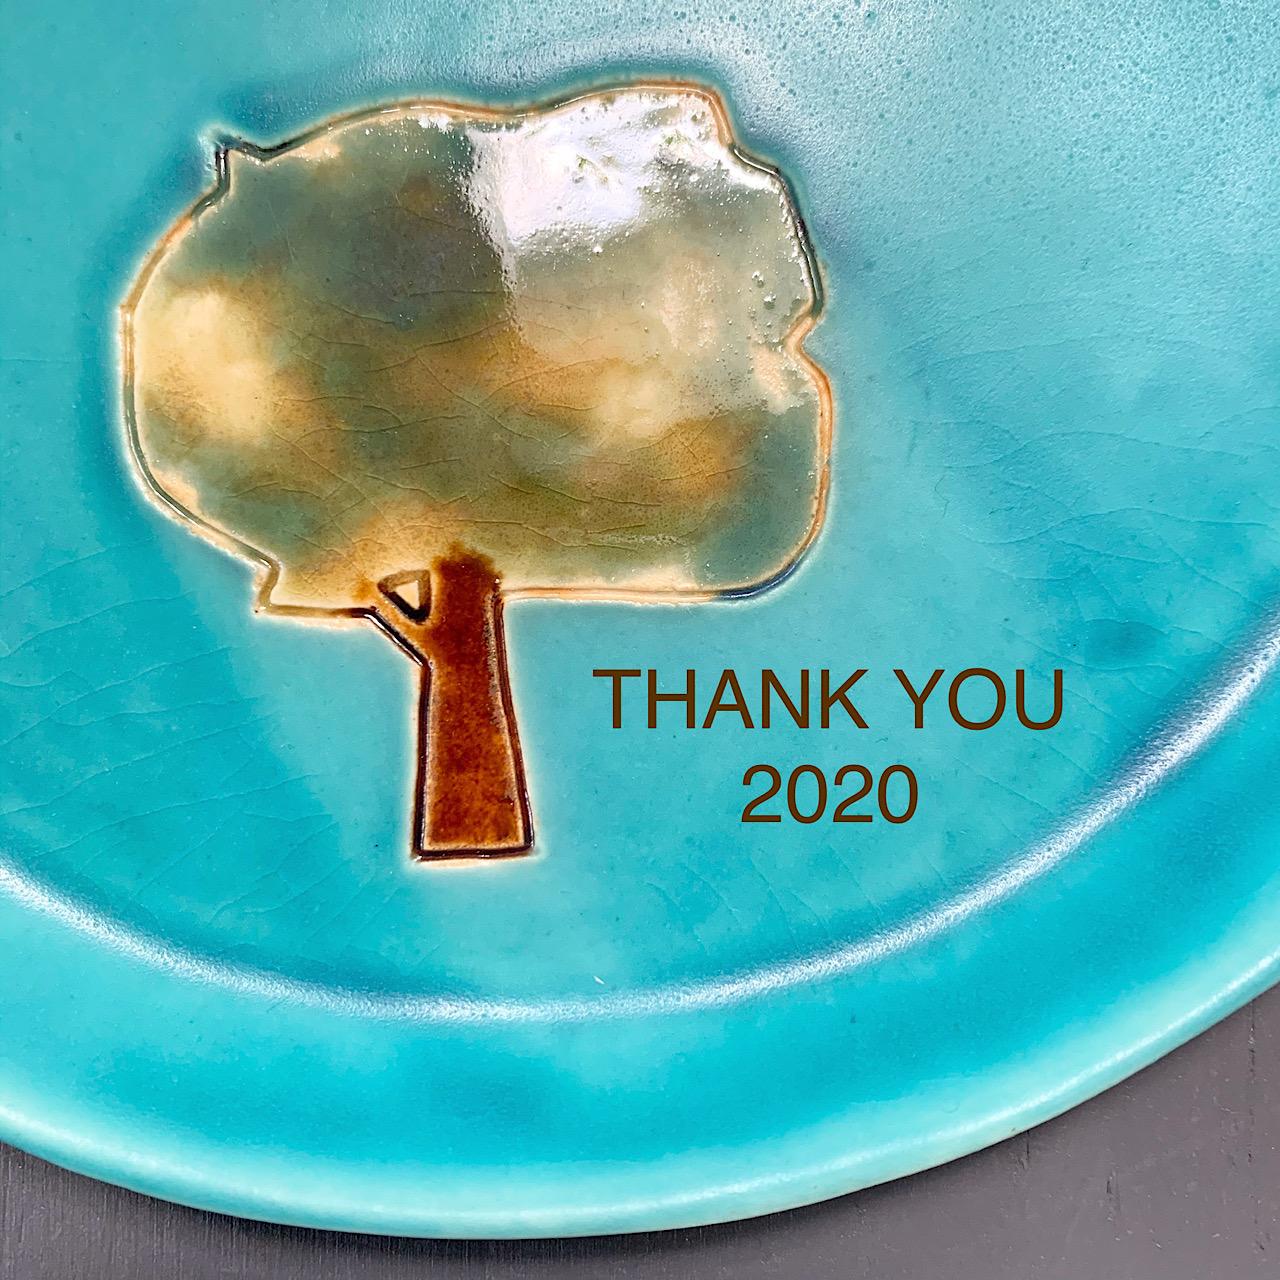 【2020年】大変お世話になりました